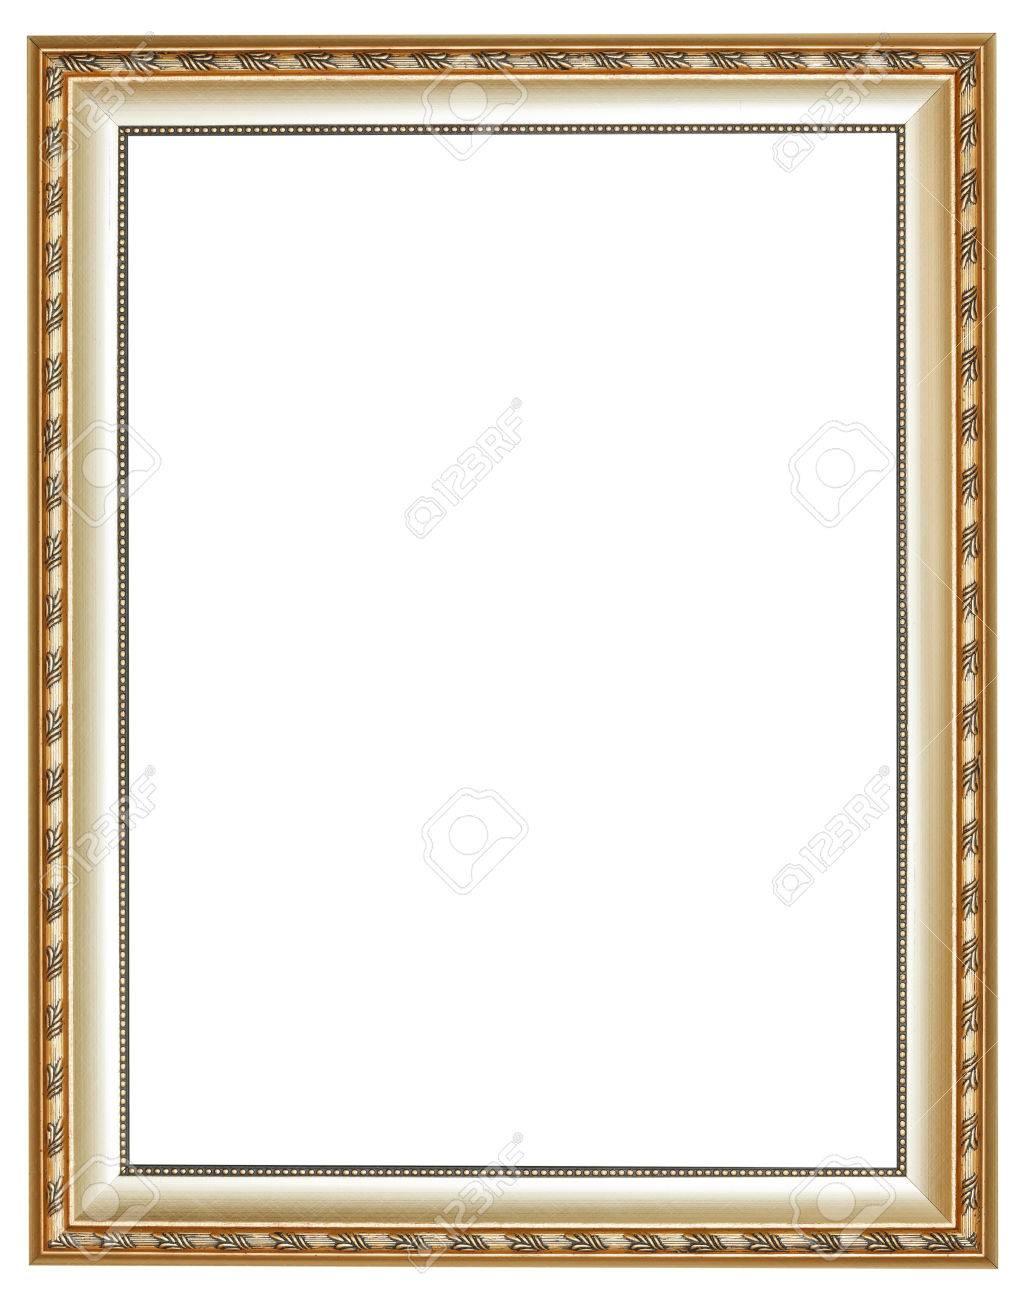 Witte Houten Fotolijst.Verticale Oude Zilveren Klassieke Houten Fotolijst Met Uitgesneden